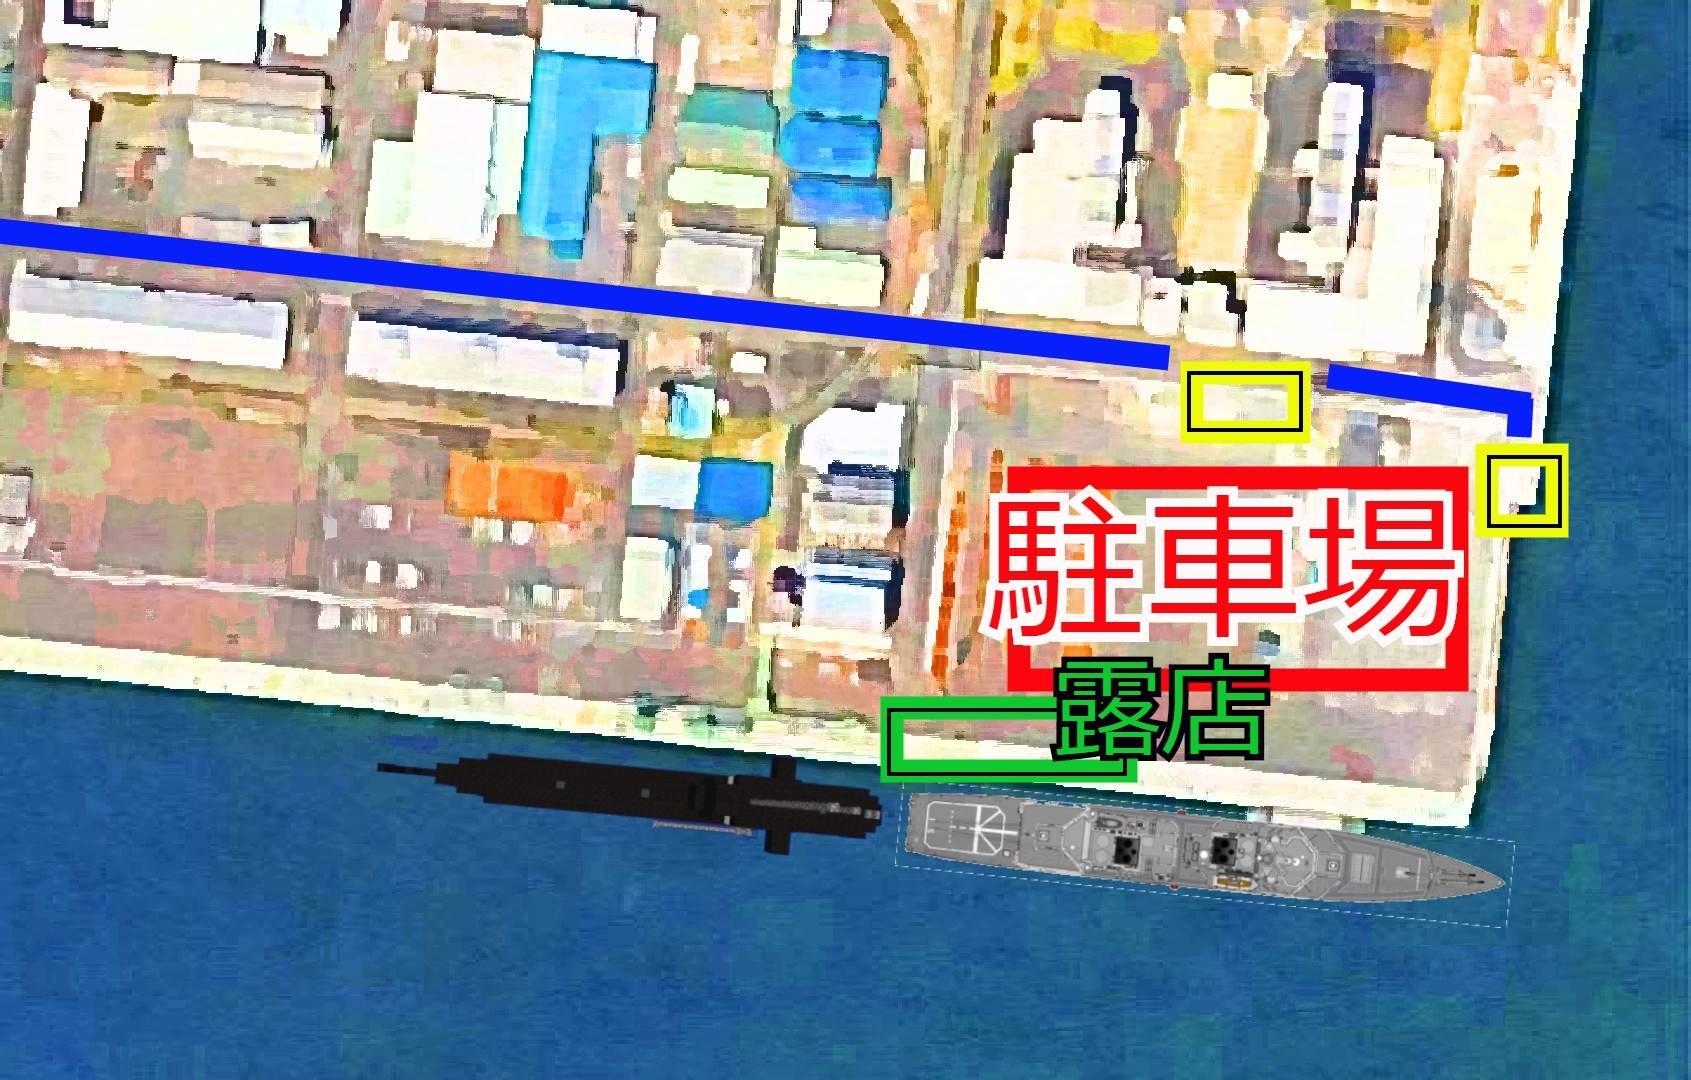 仙台港の護衛艦公案内図